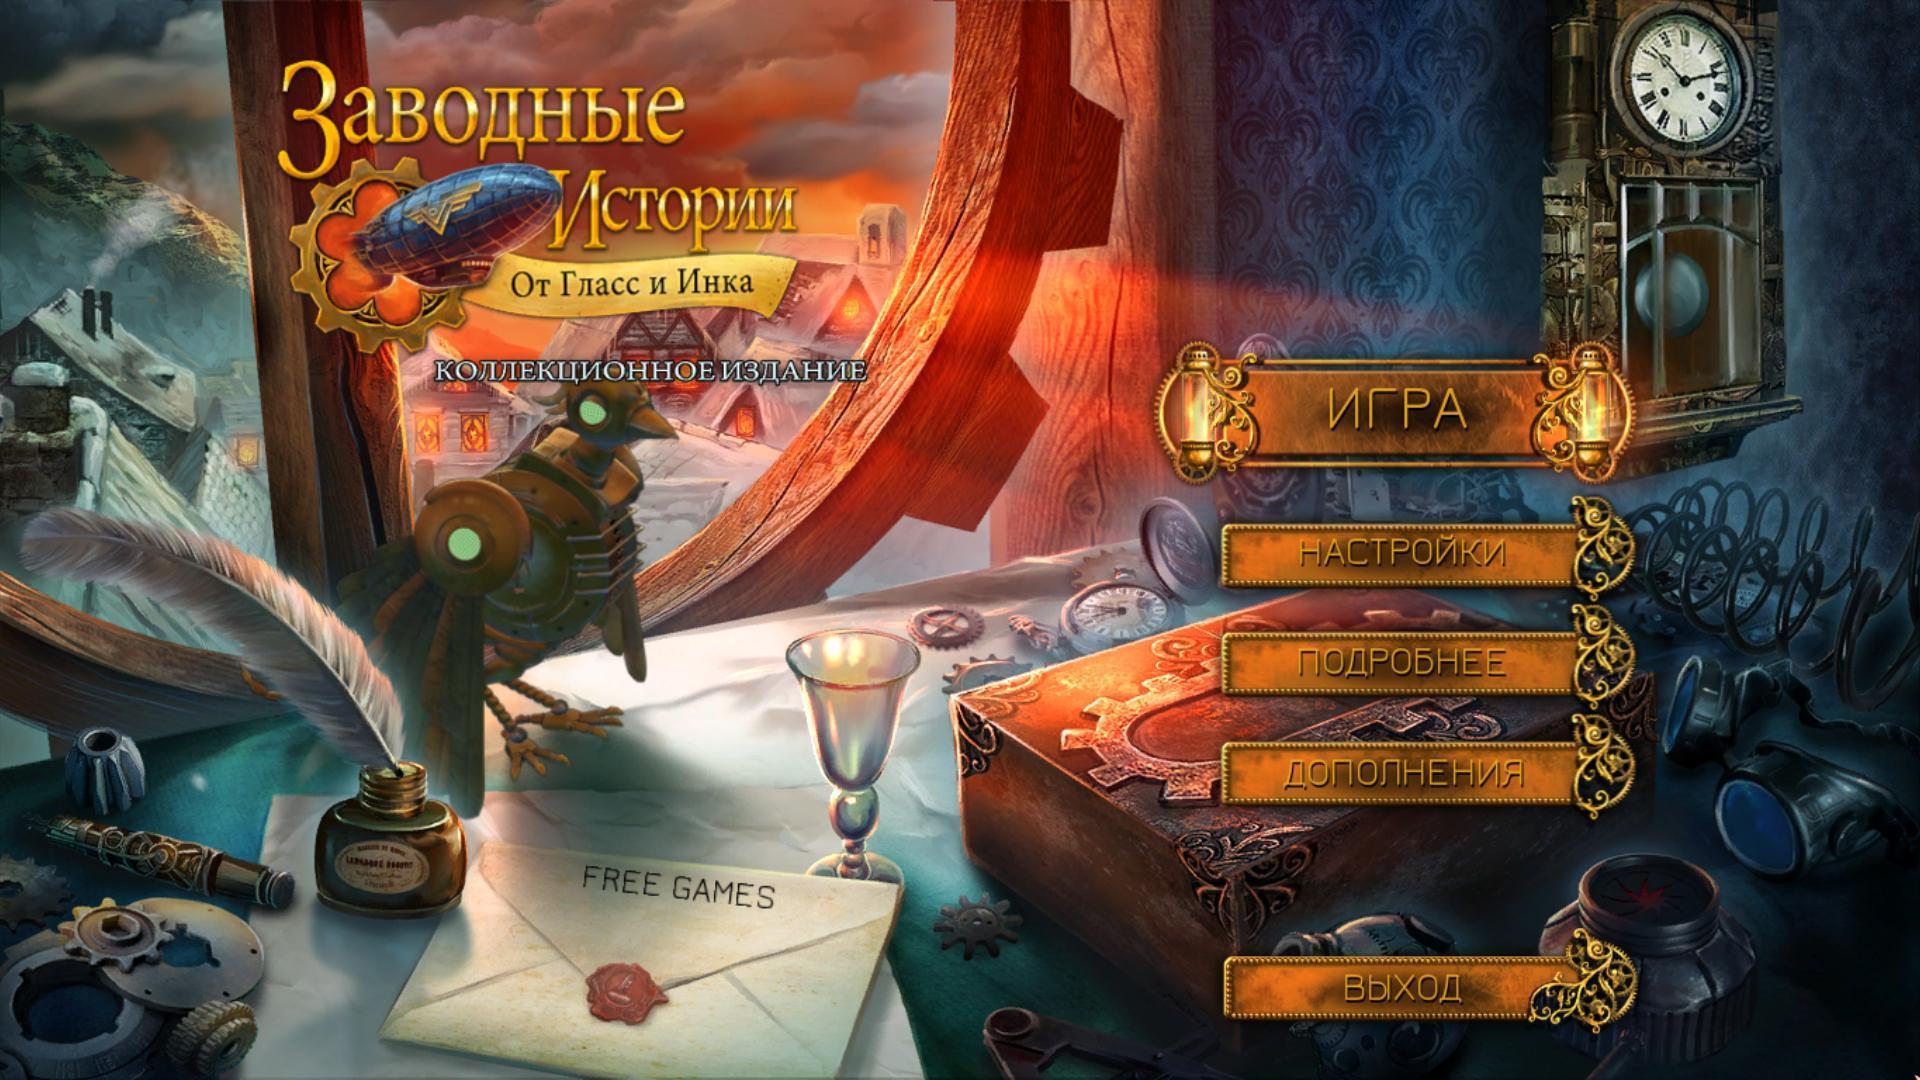 Заводные истории. От Гласс и Инка. Коллекционное издание     Clockwork Tales. Of Glass and Ink CE (Rus)